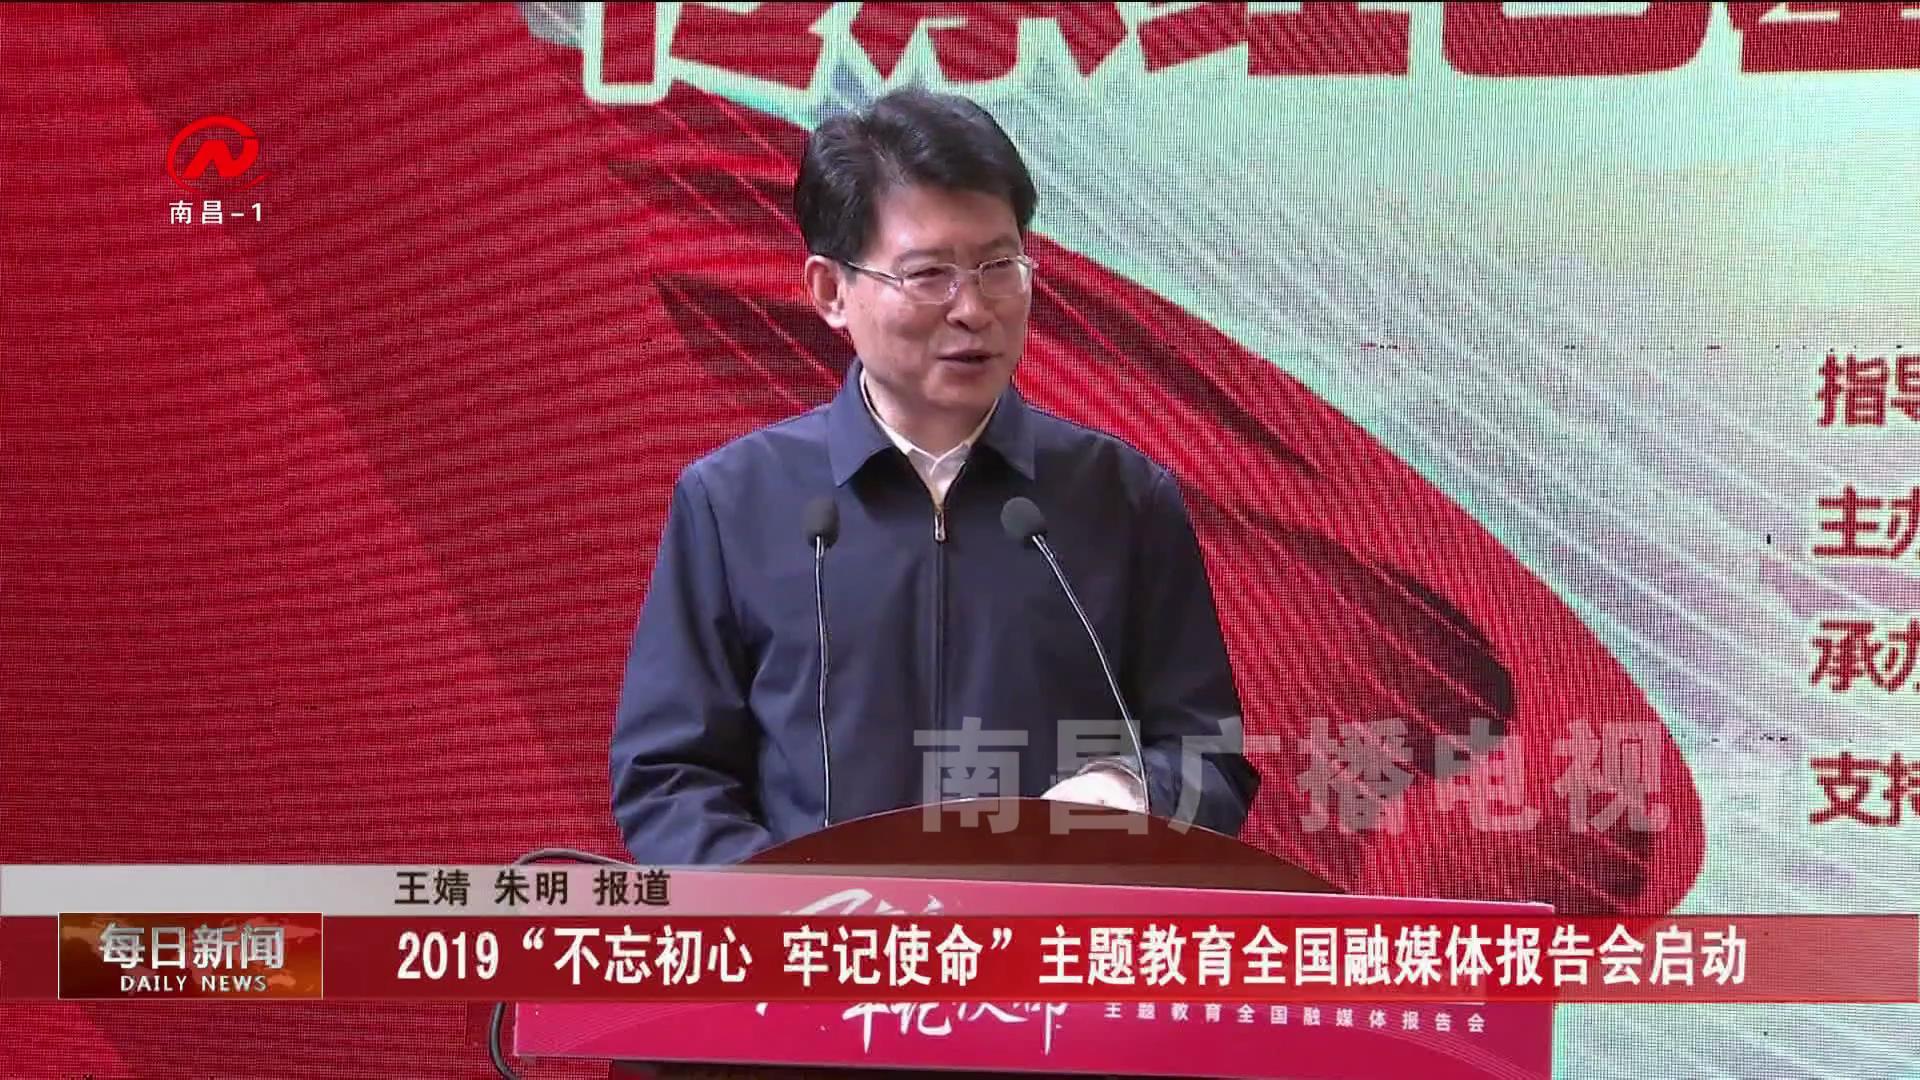 """2019""""不忘初心 牢記使命""""主題教育全國融媒體報告會啟動"""